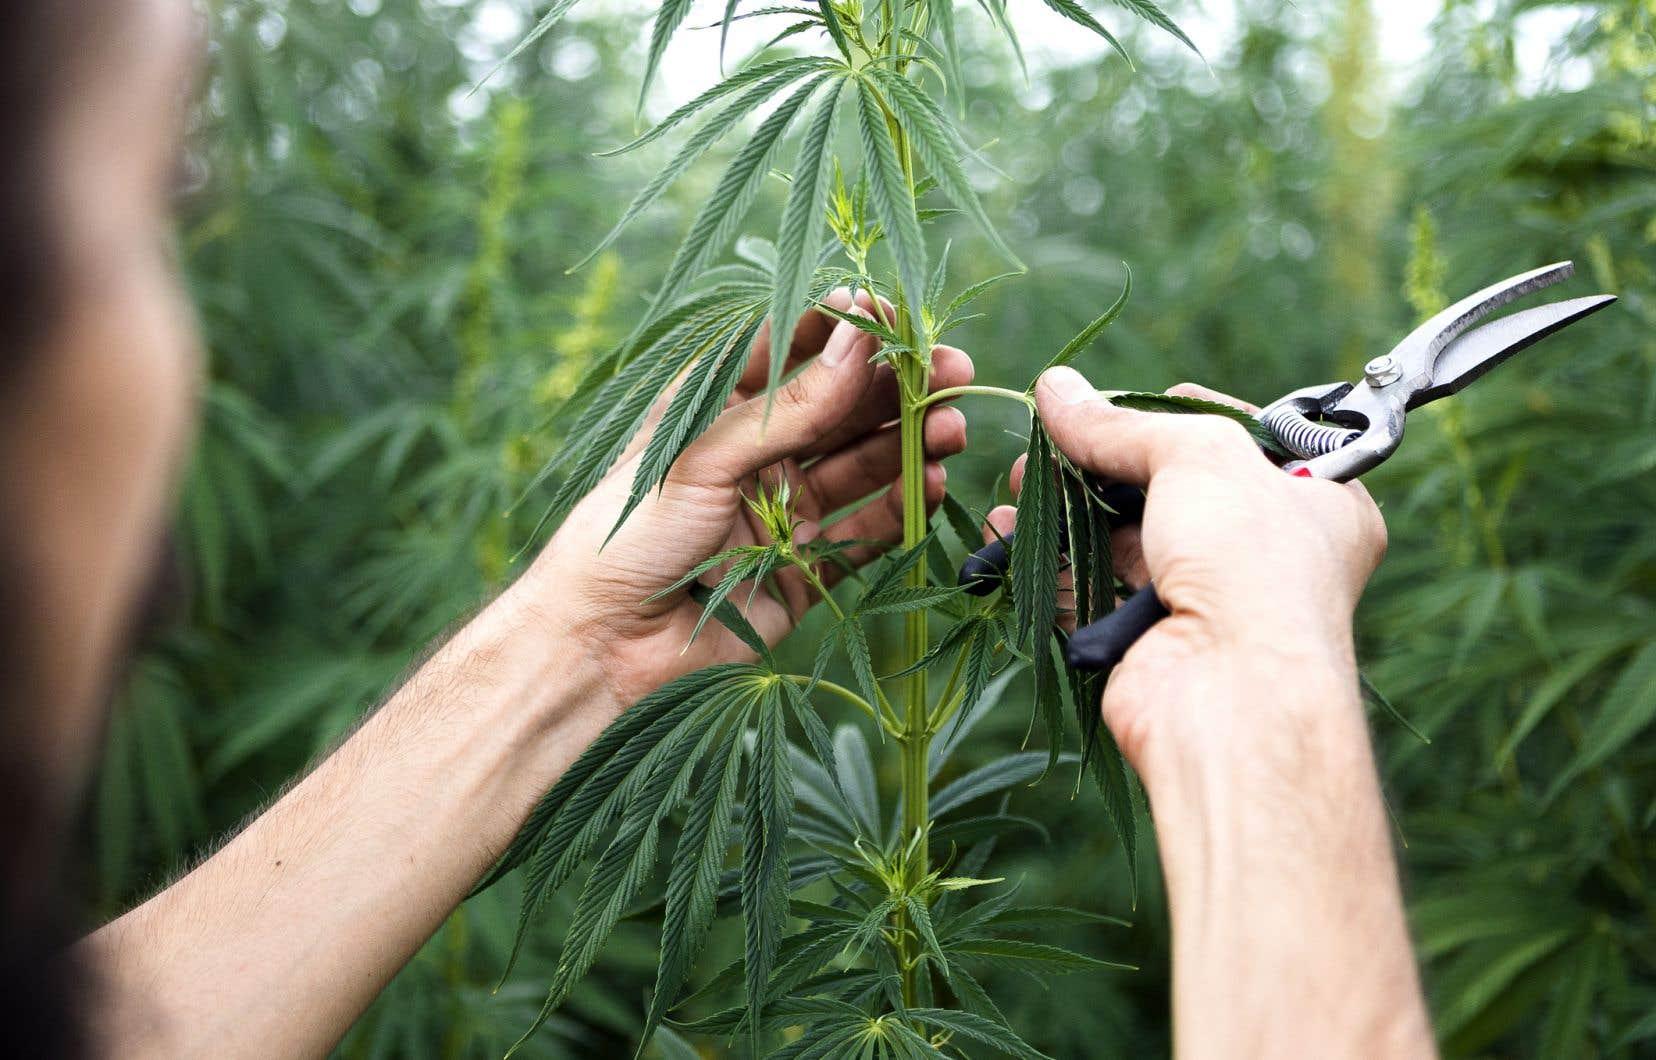 La récolte de cannabis des Serres Bertrand et de Canopy Growth serait destinée d'abord et avant tout au Québec, assure Adam Greenblatt.